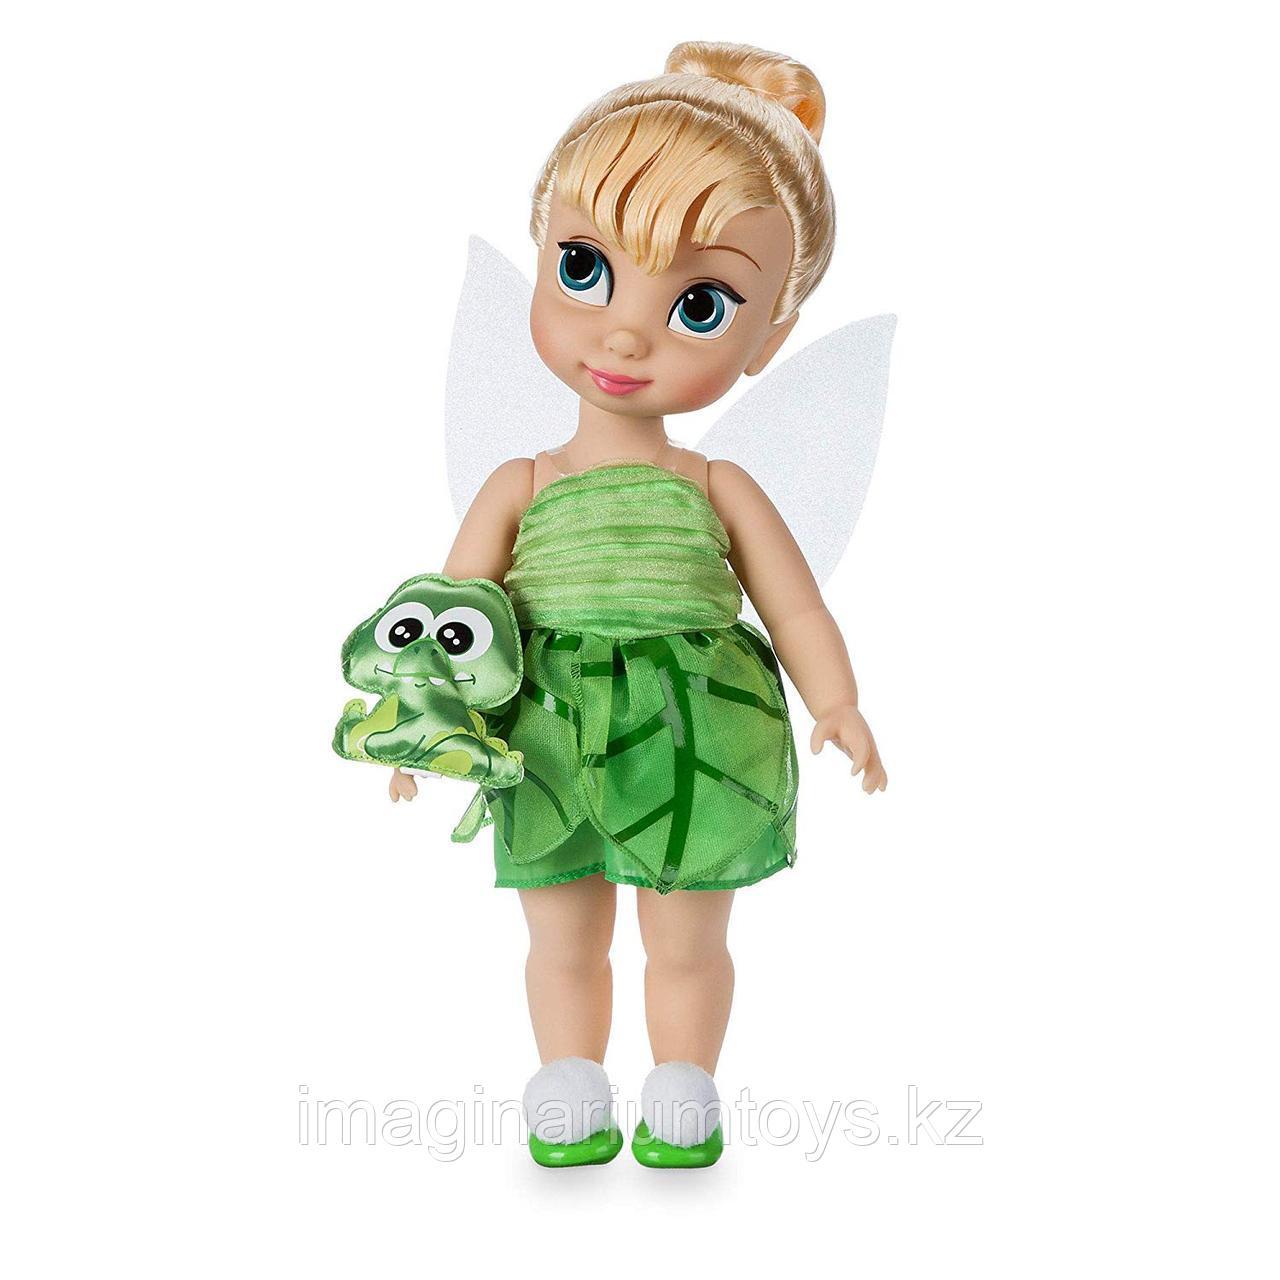 Кукла Фея Динь-Динь в детстве Дисней Аниматор